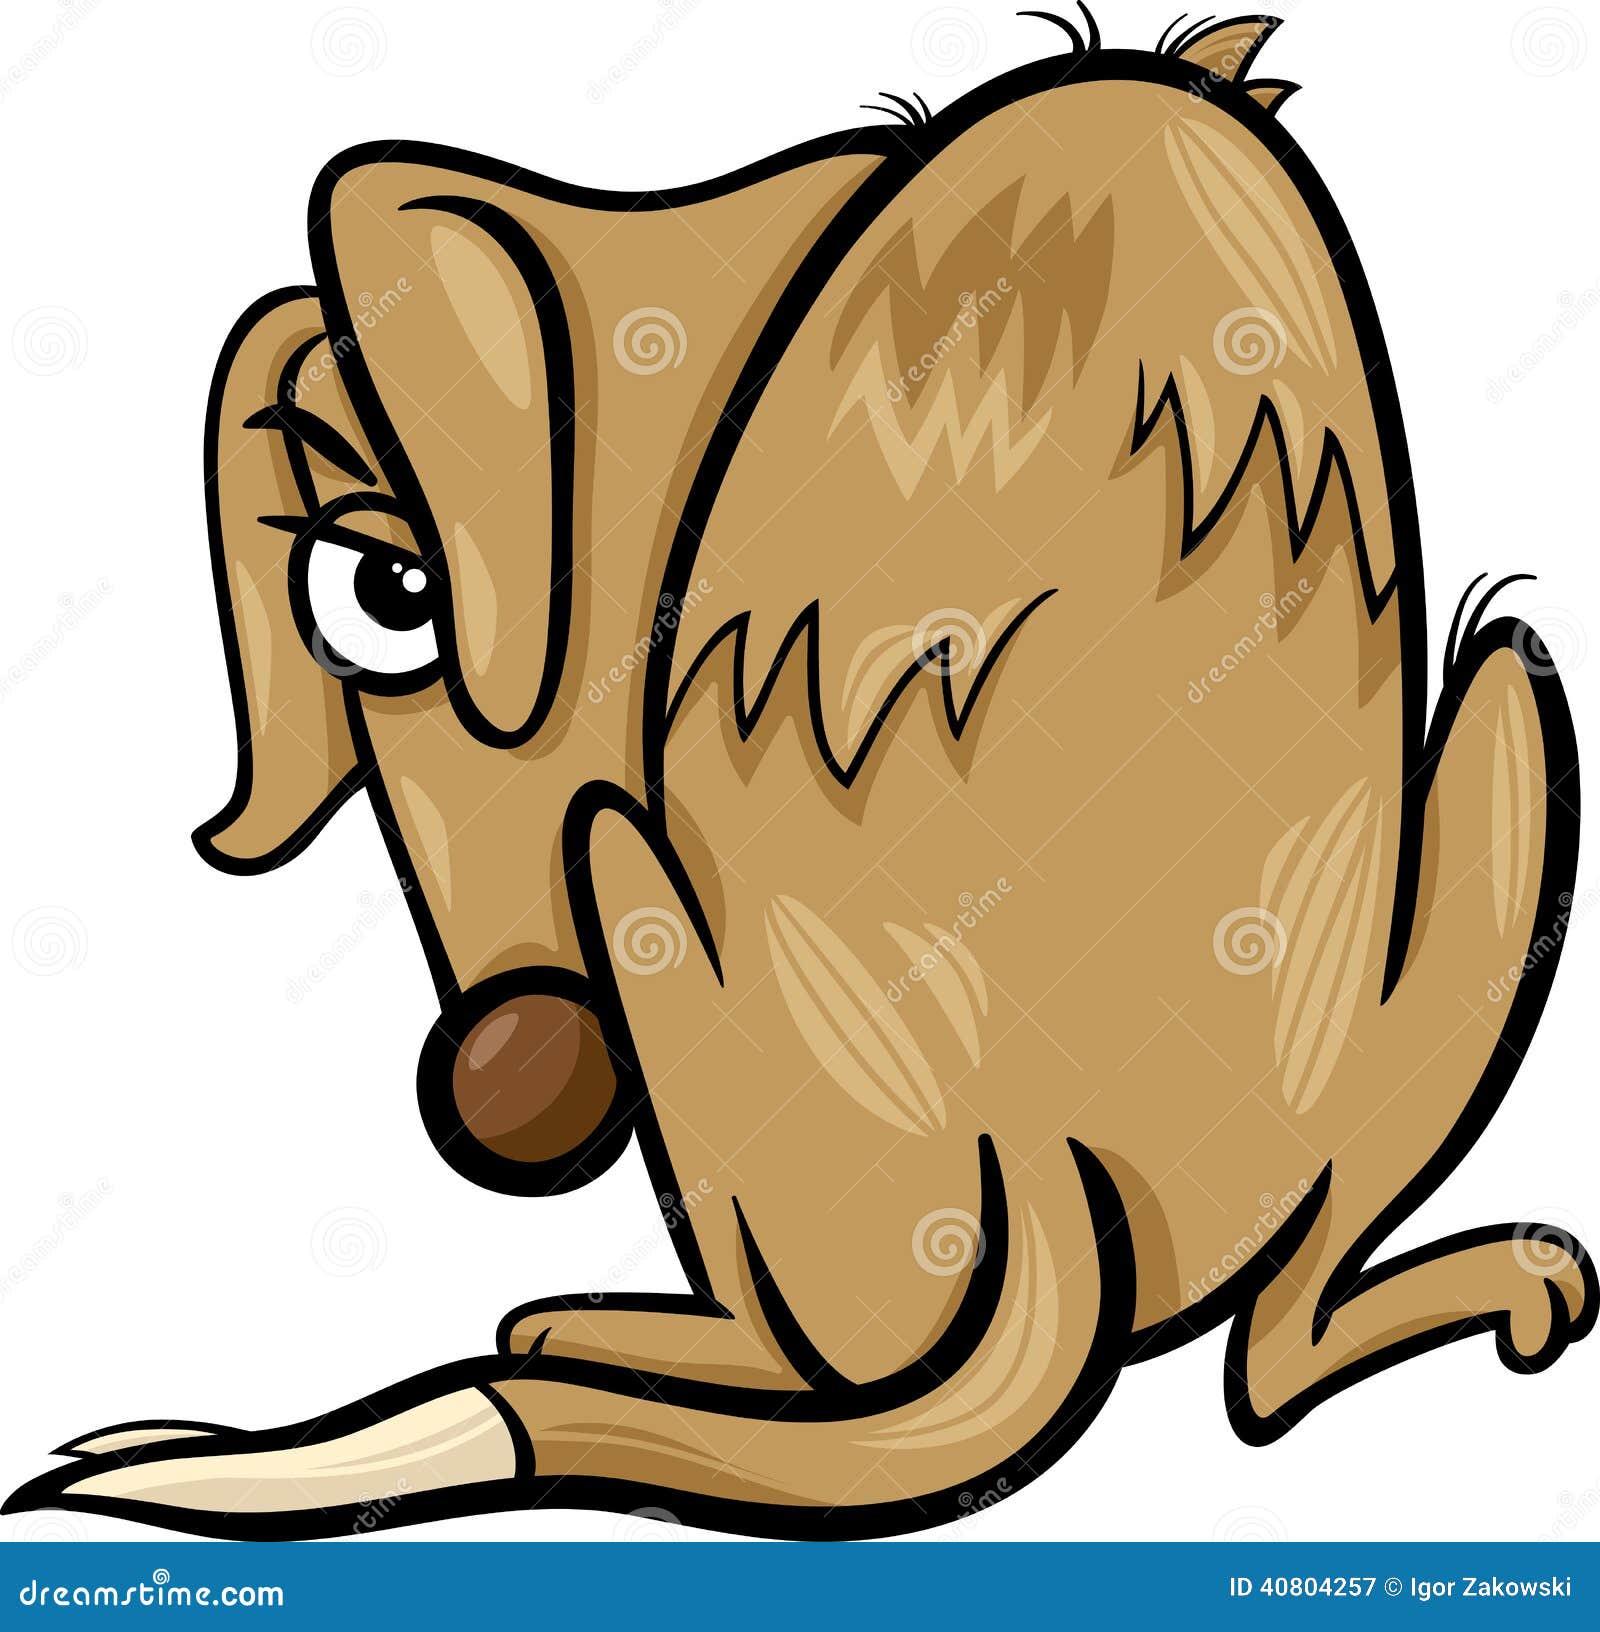 Poor Homeless Dog Cartoon Illustration Stock Vector - Illustration ...